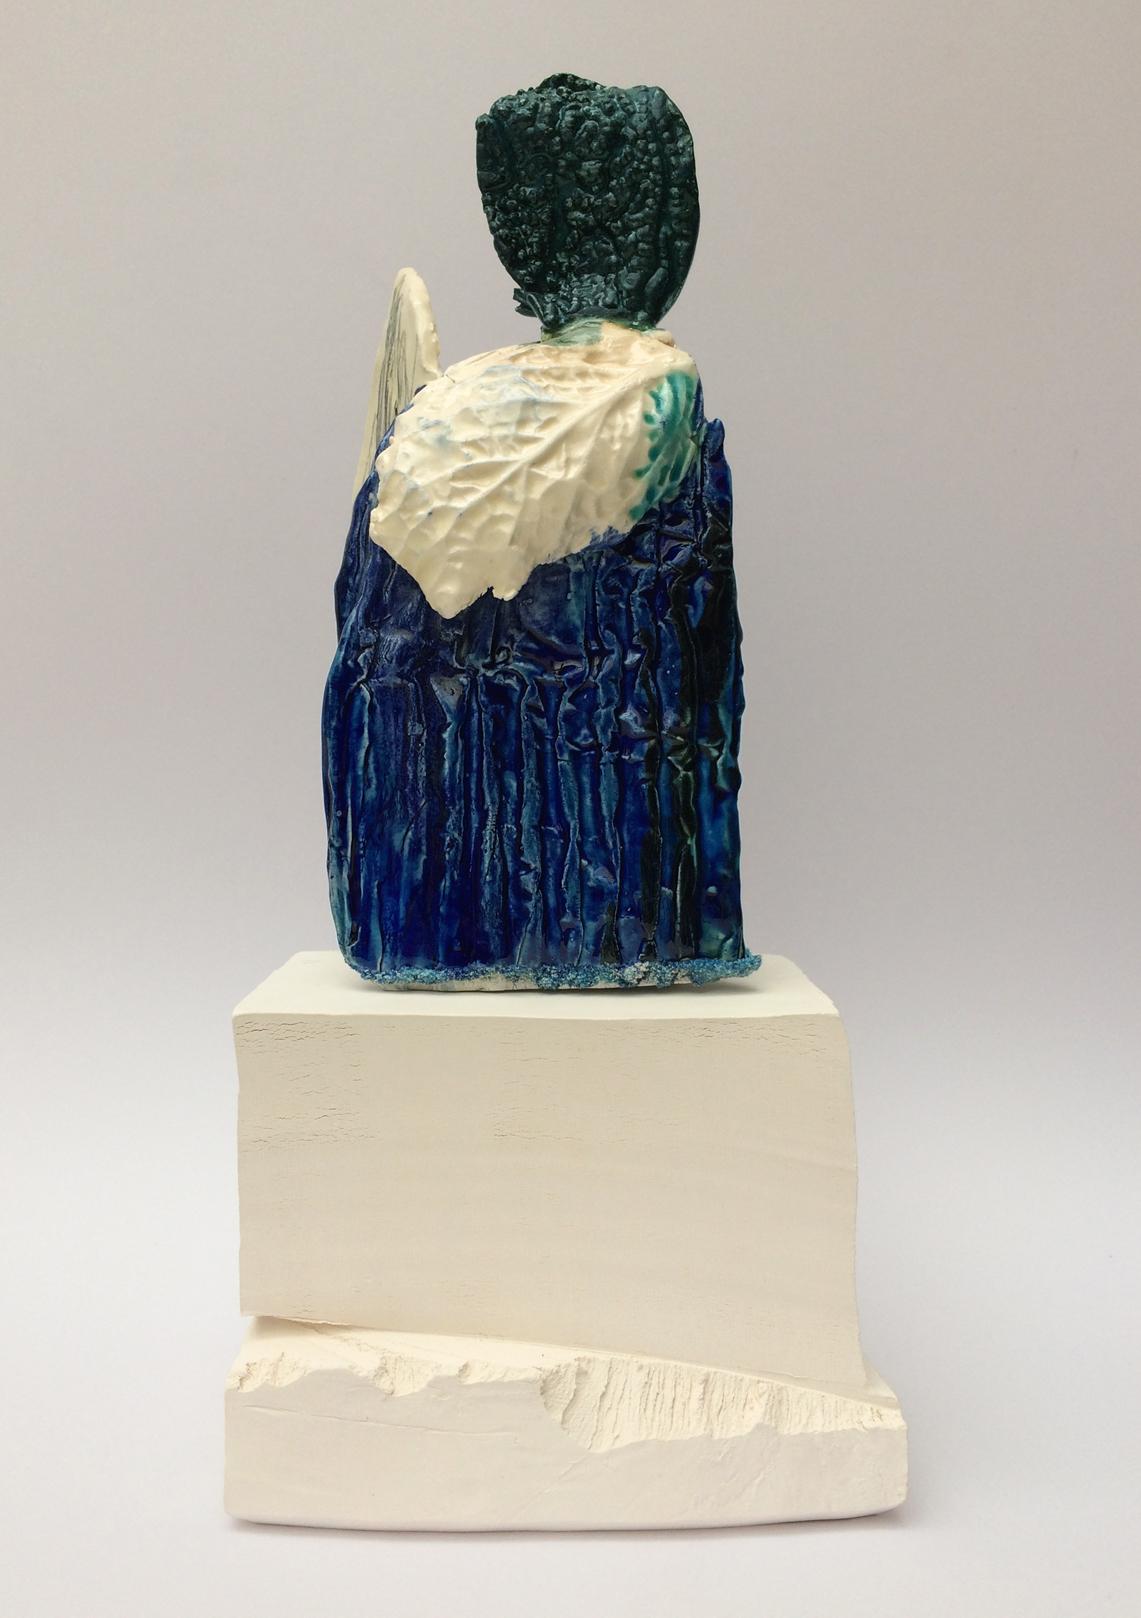 L'Ange Gabriel - H 19cm x W 110cm